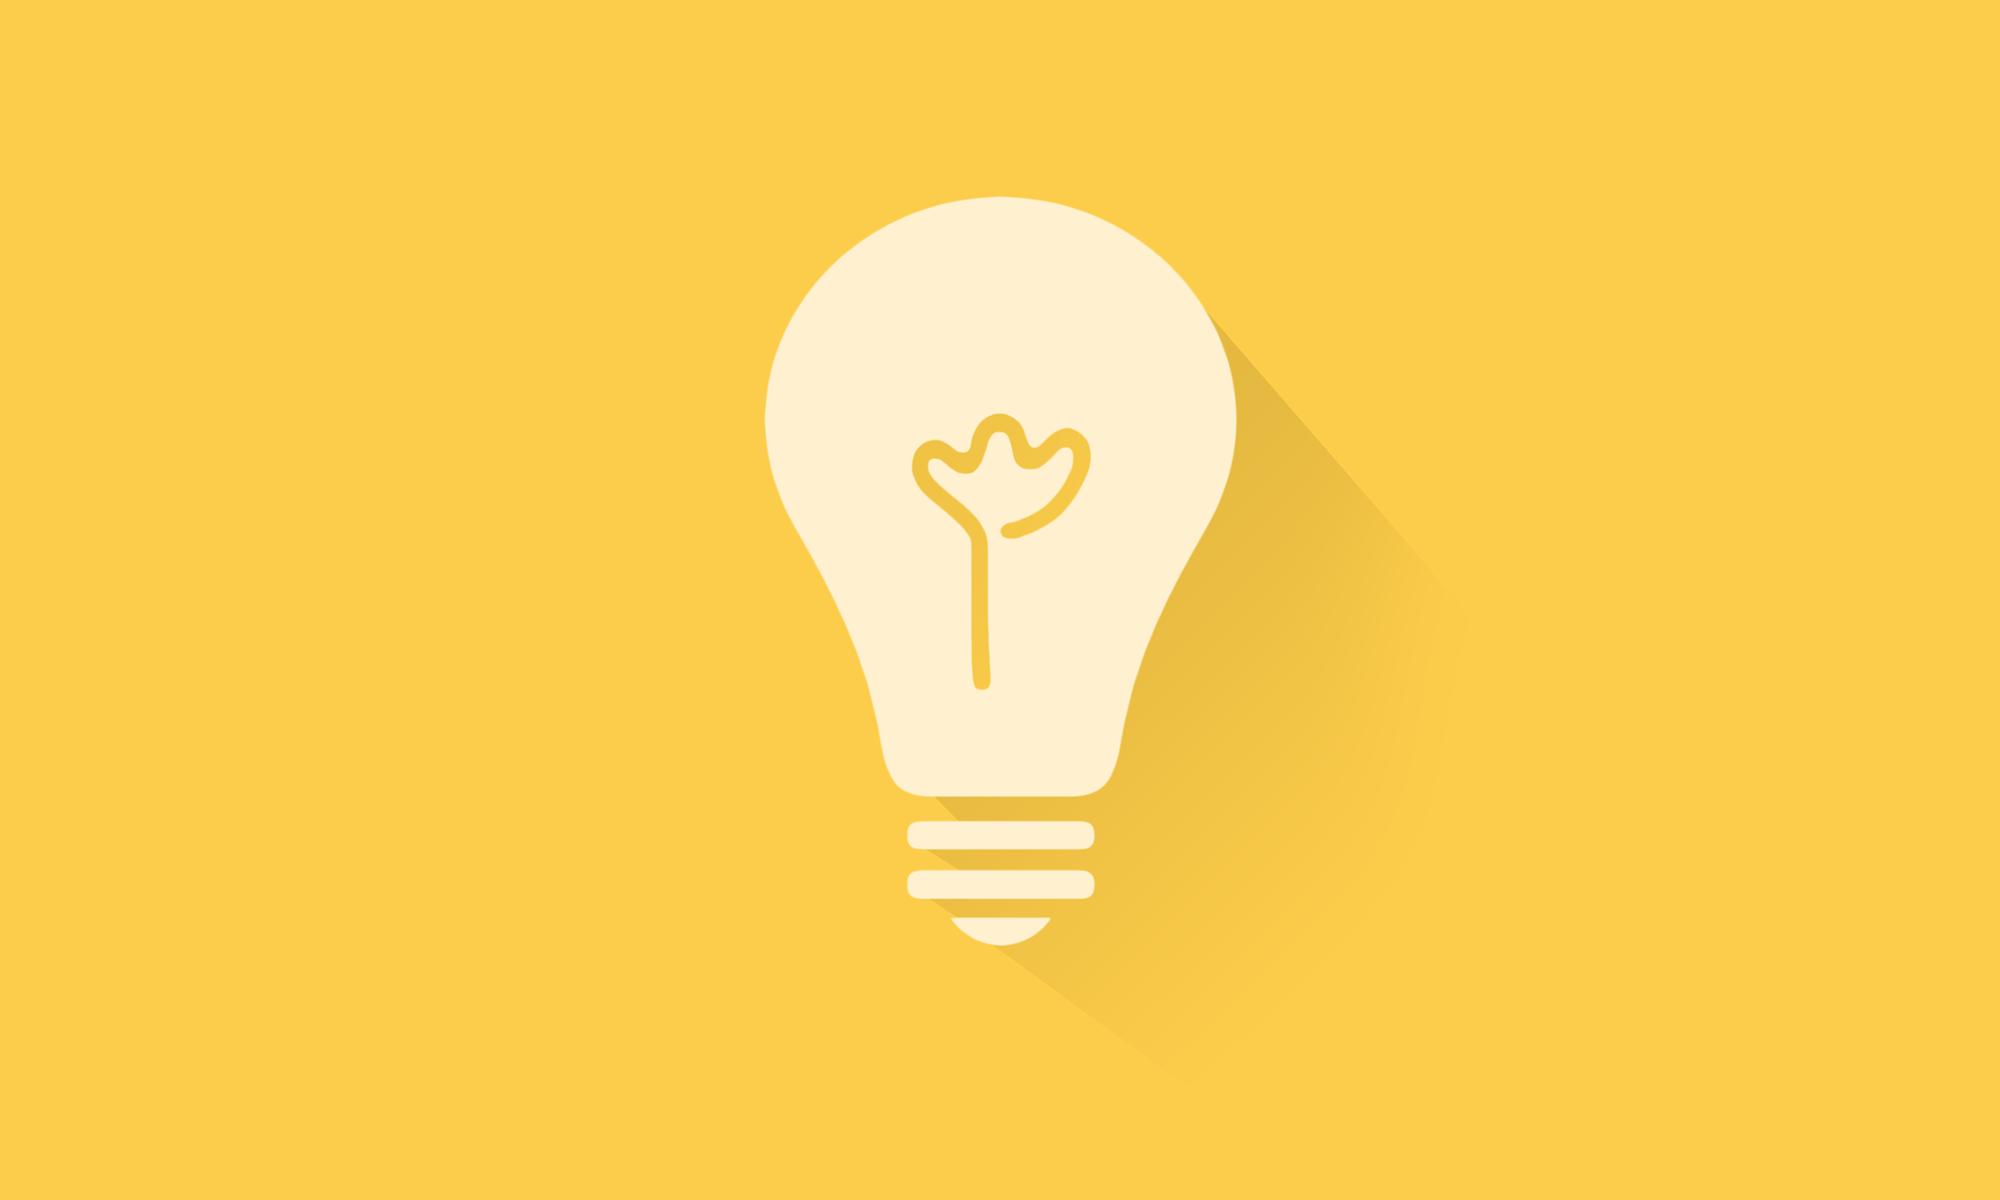 JG_Lightbulb_4.png